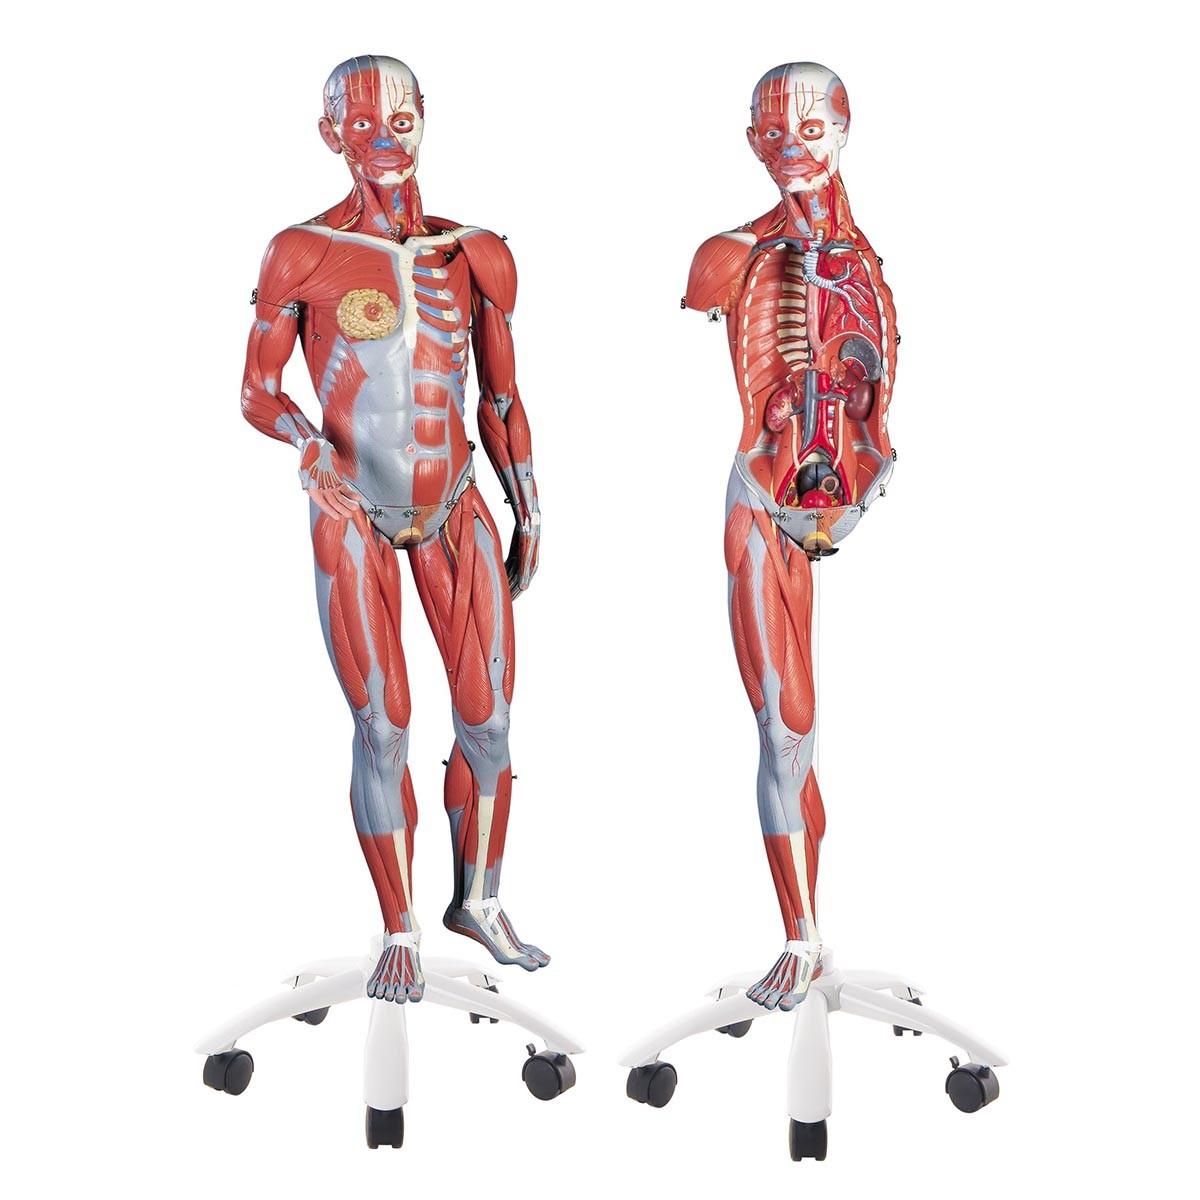 Muskulatur Modelle & anatomische Muskelfiguren kaufen | Anatomy-Online